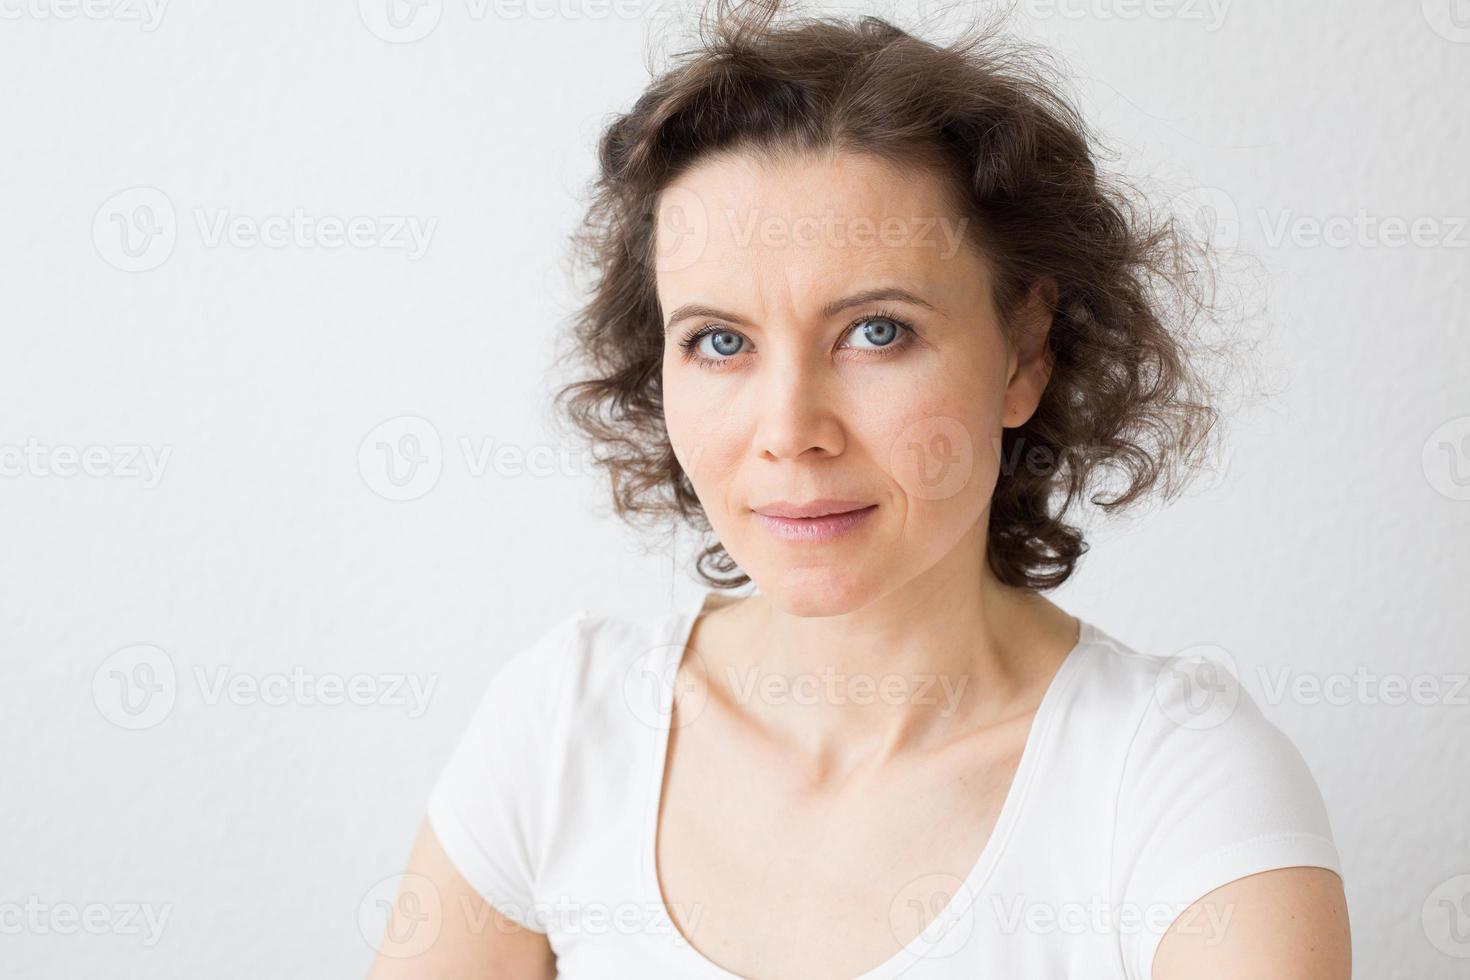 braunhaarige Frau, absichtlich in die Kamera schauen foto